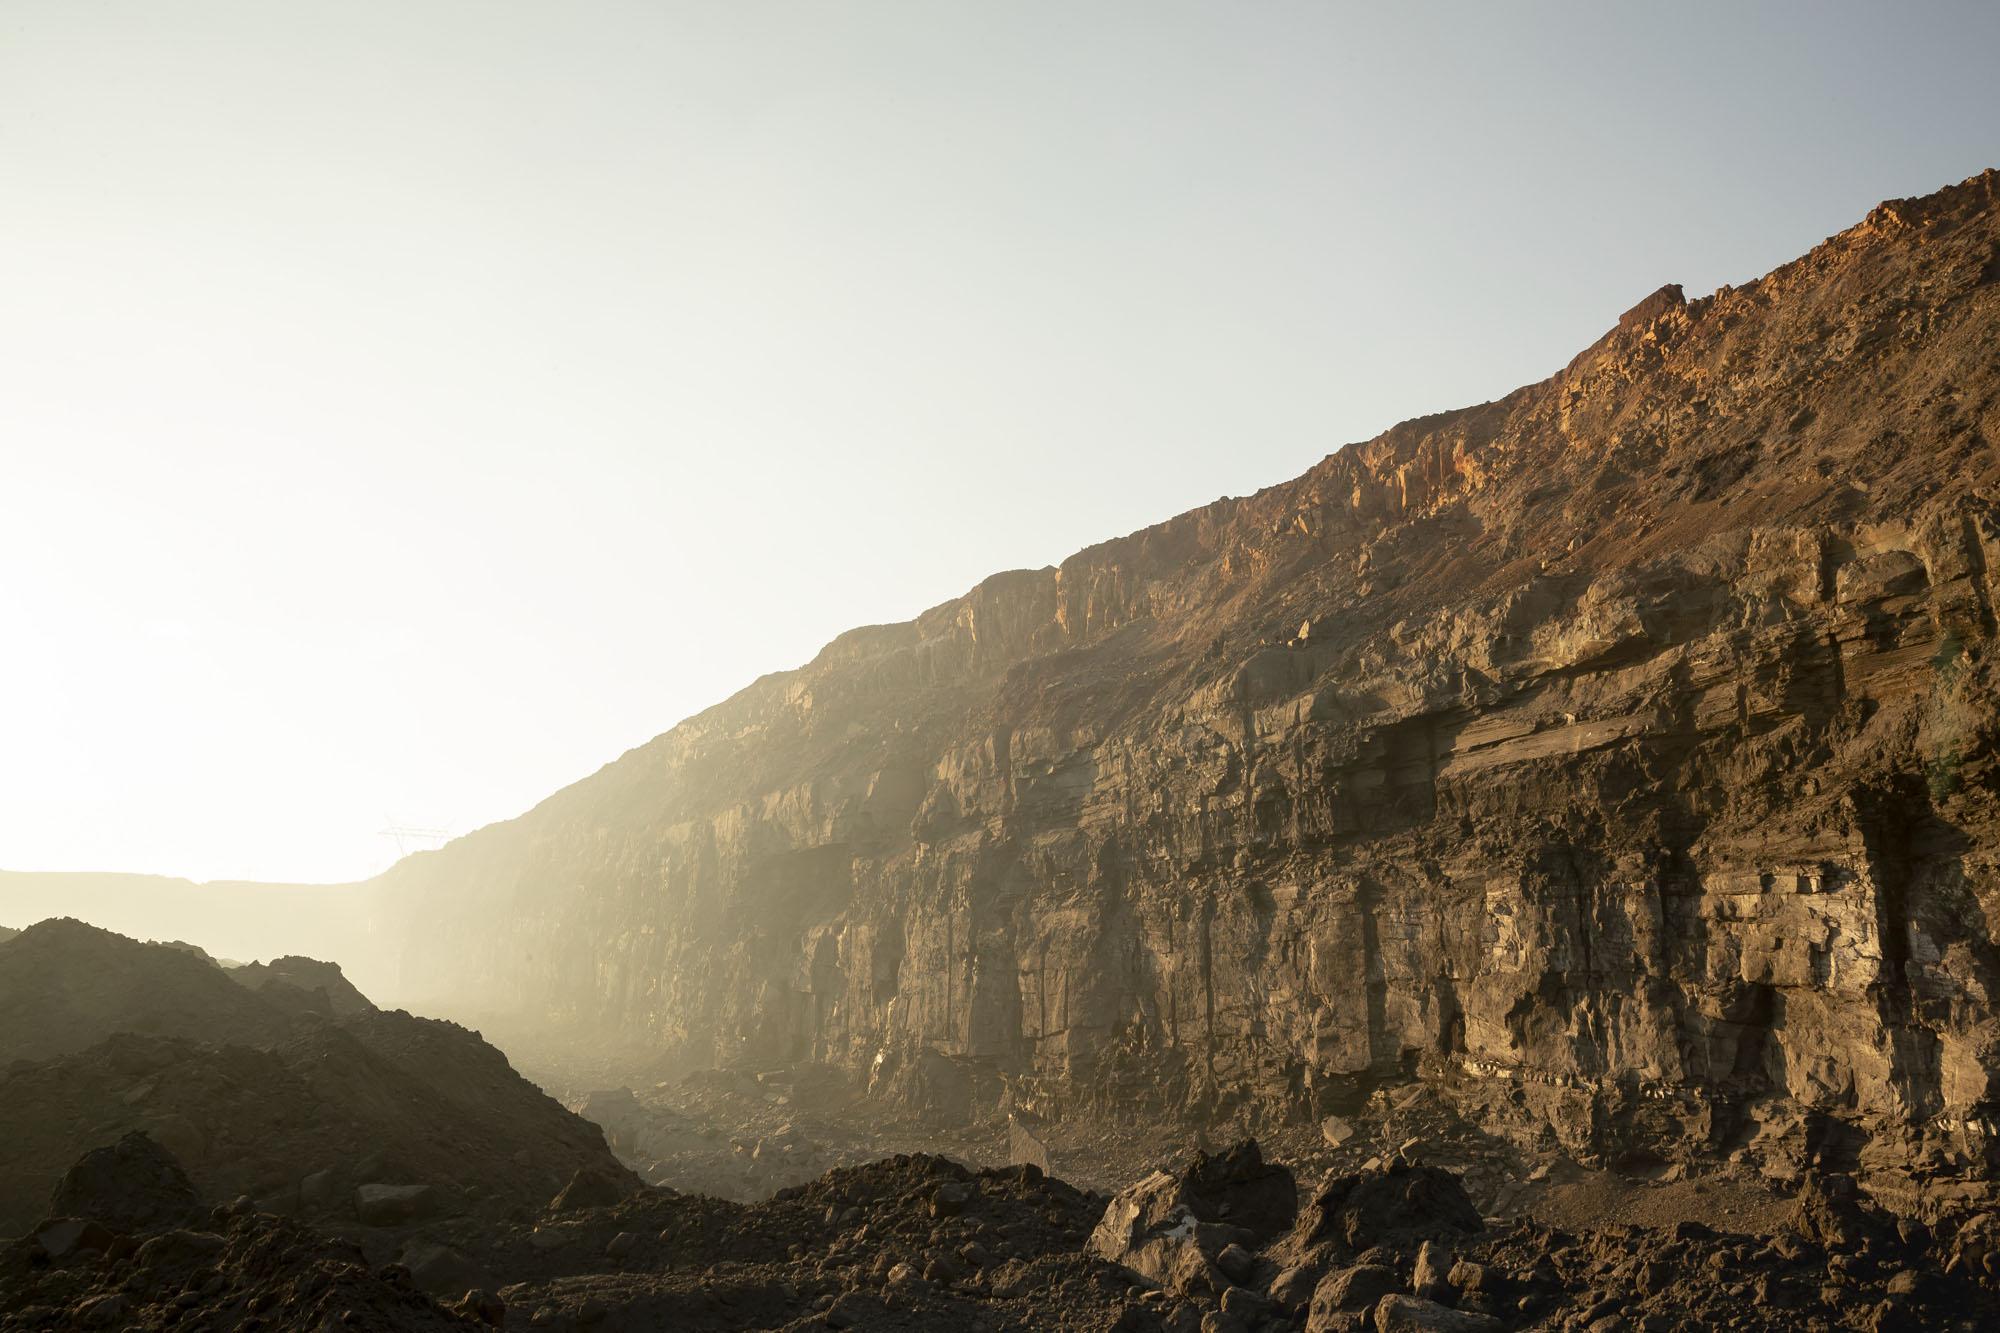 Klipfontein017